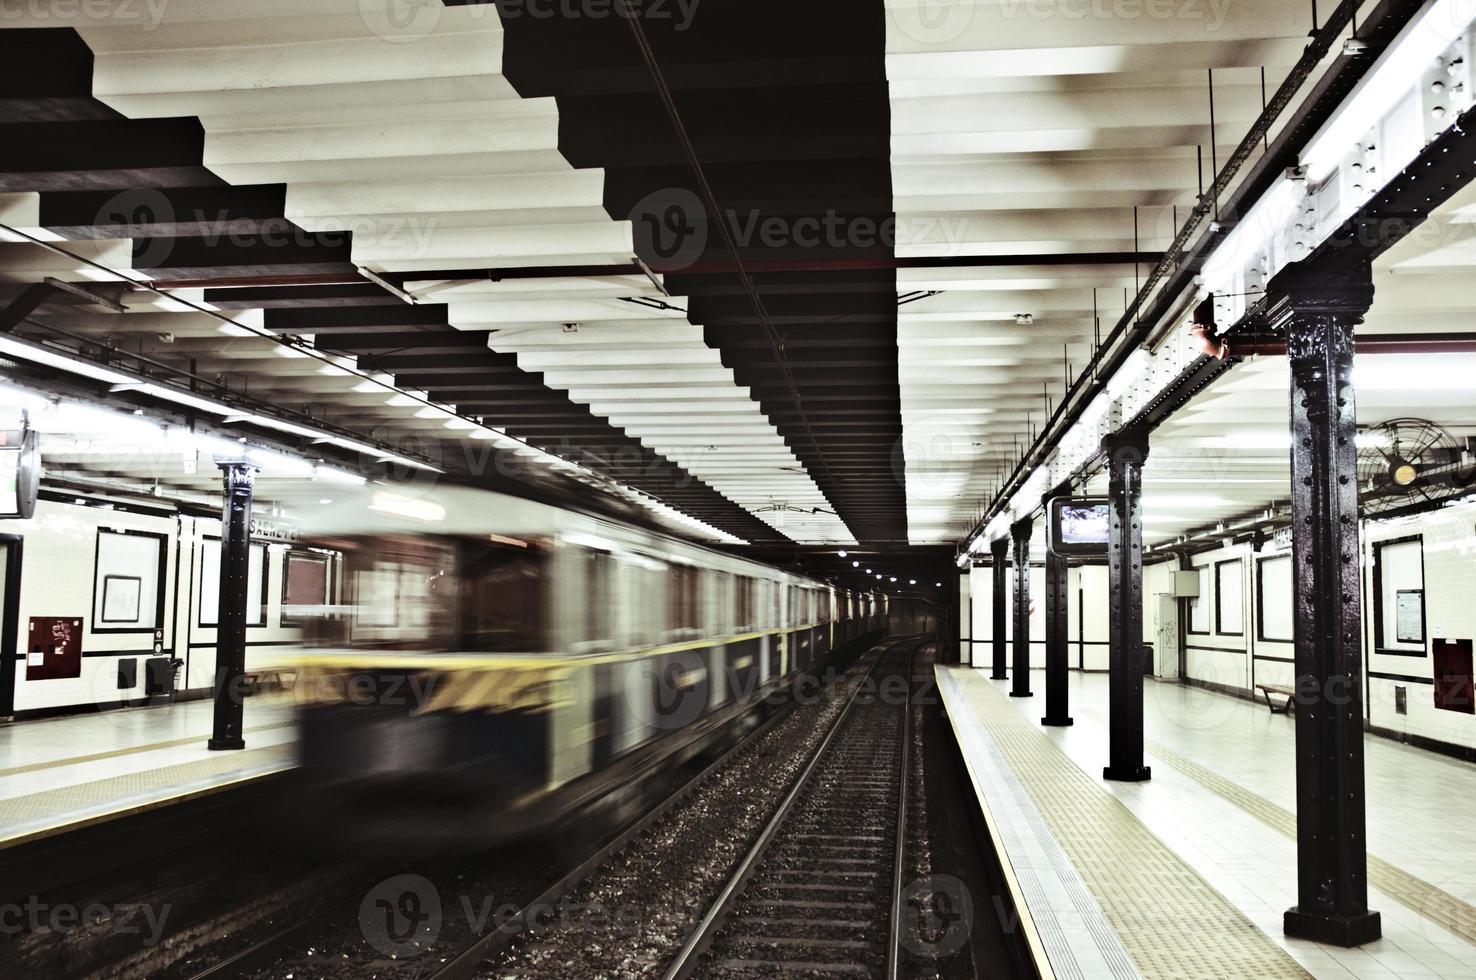 stazione della metropolitana e treno in movimento foto